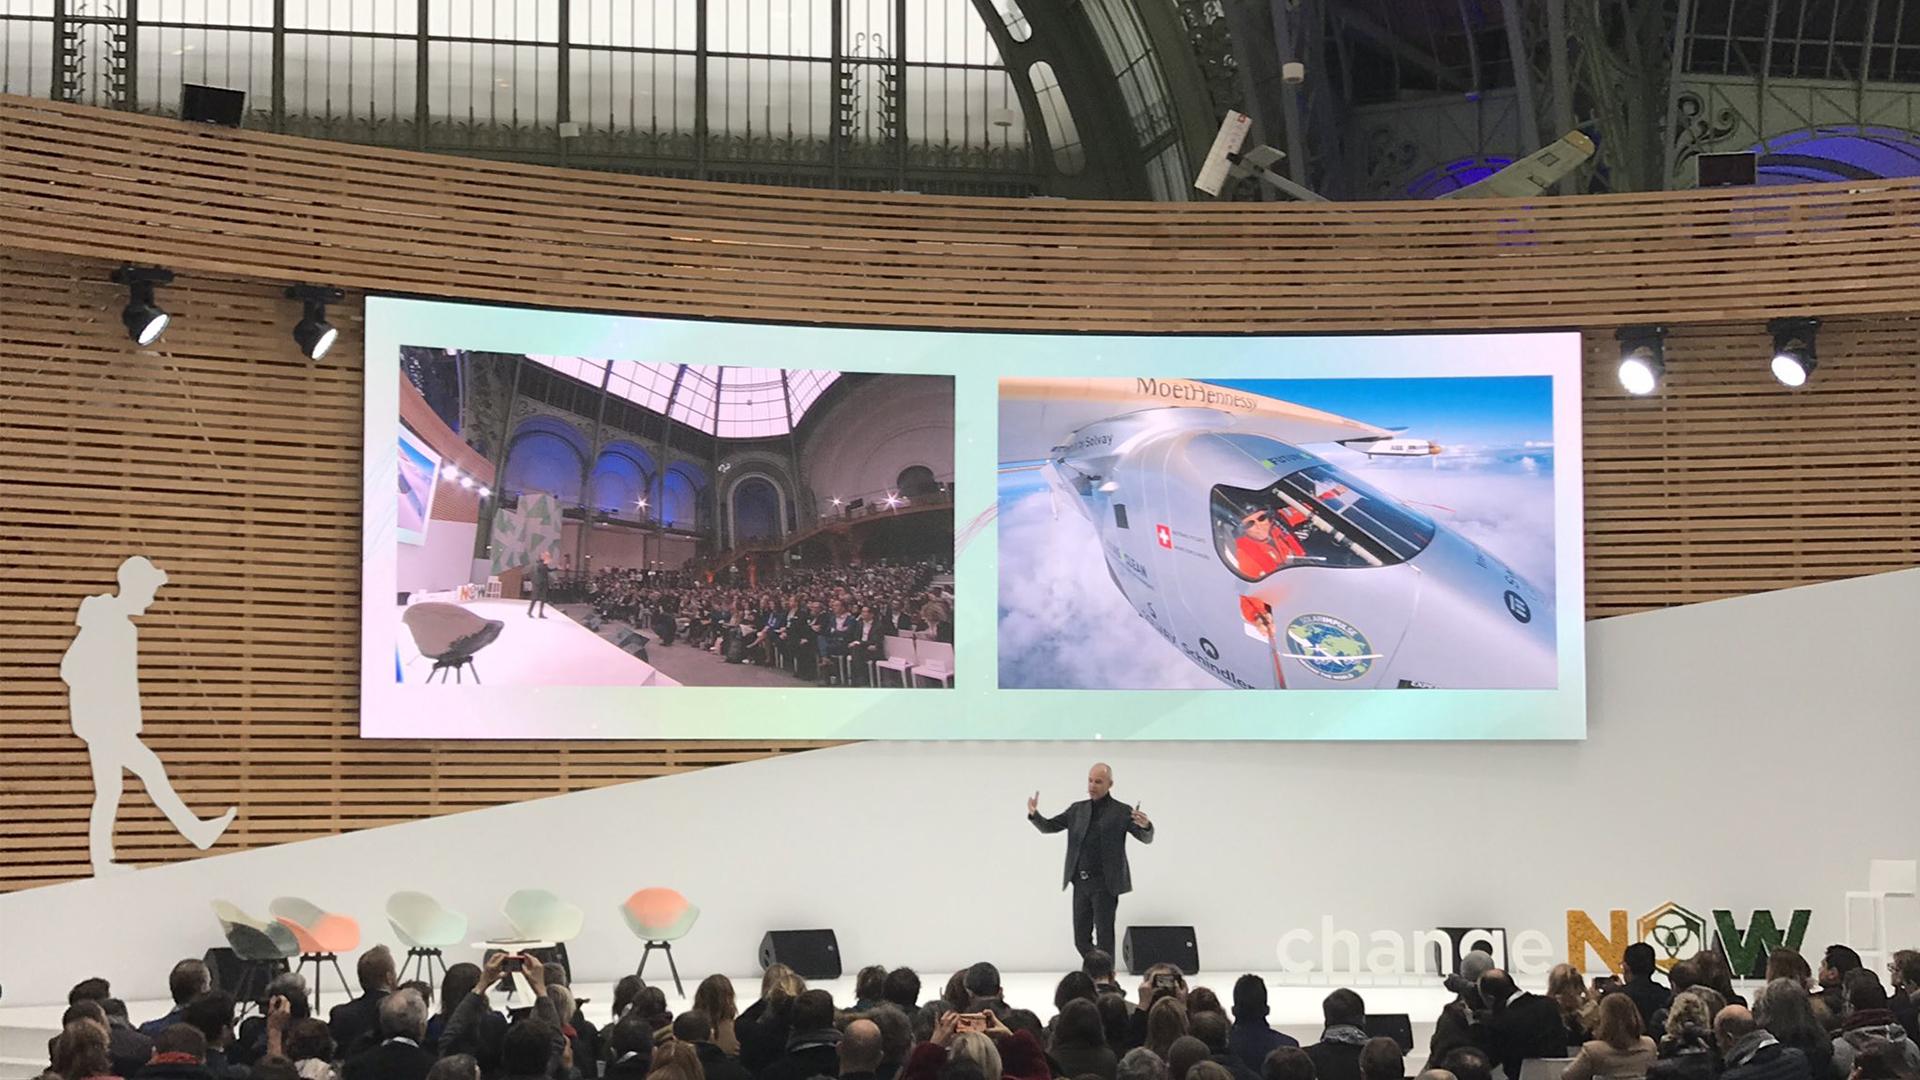 Exposition universelle des innovations pour la planète : CHANGE NOW